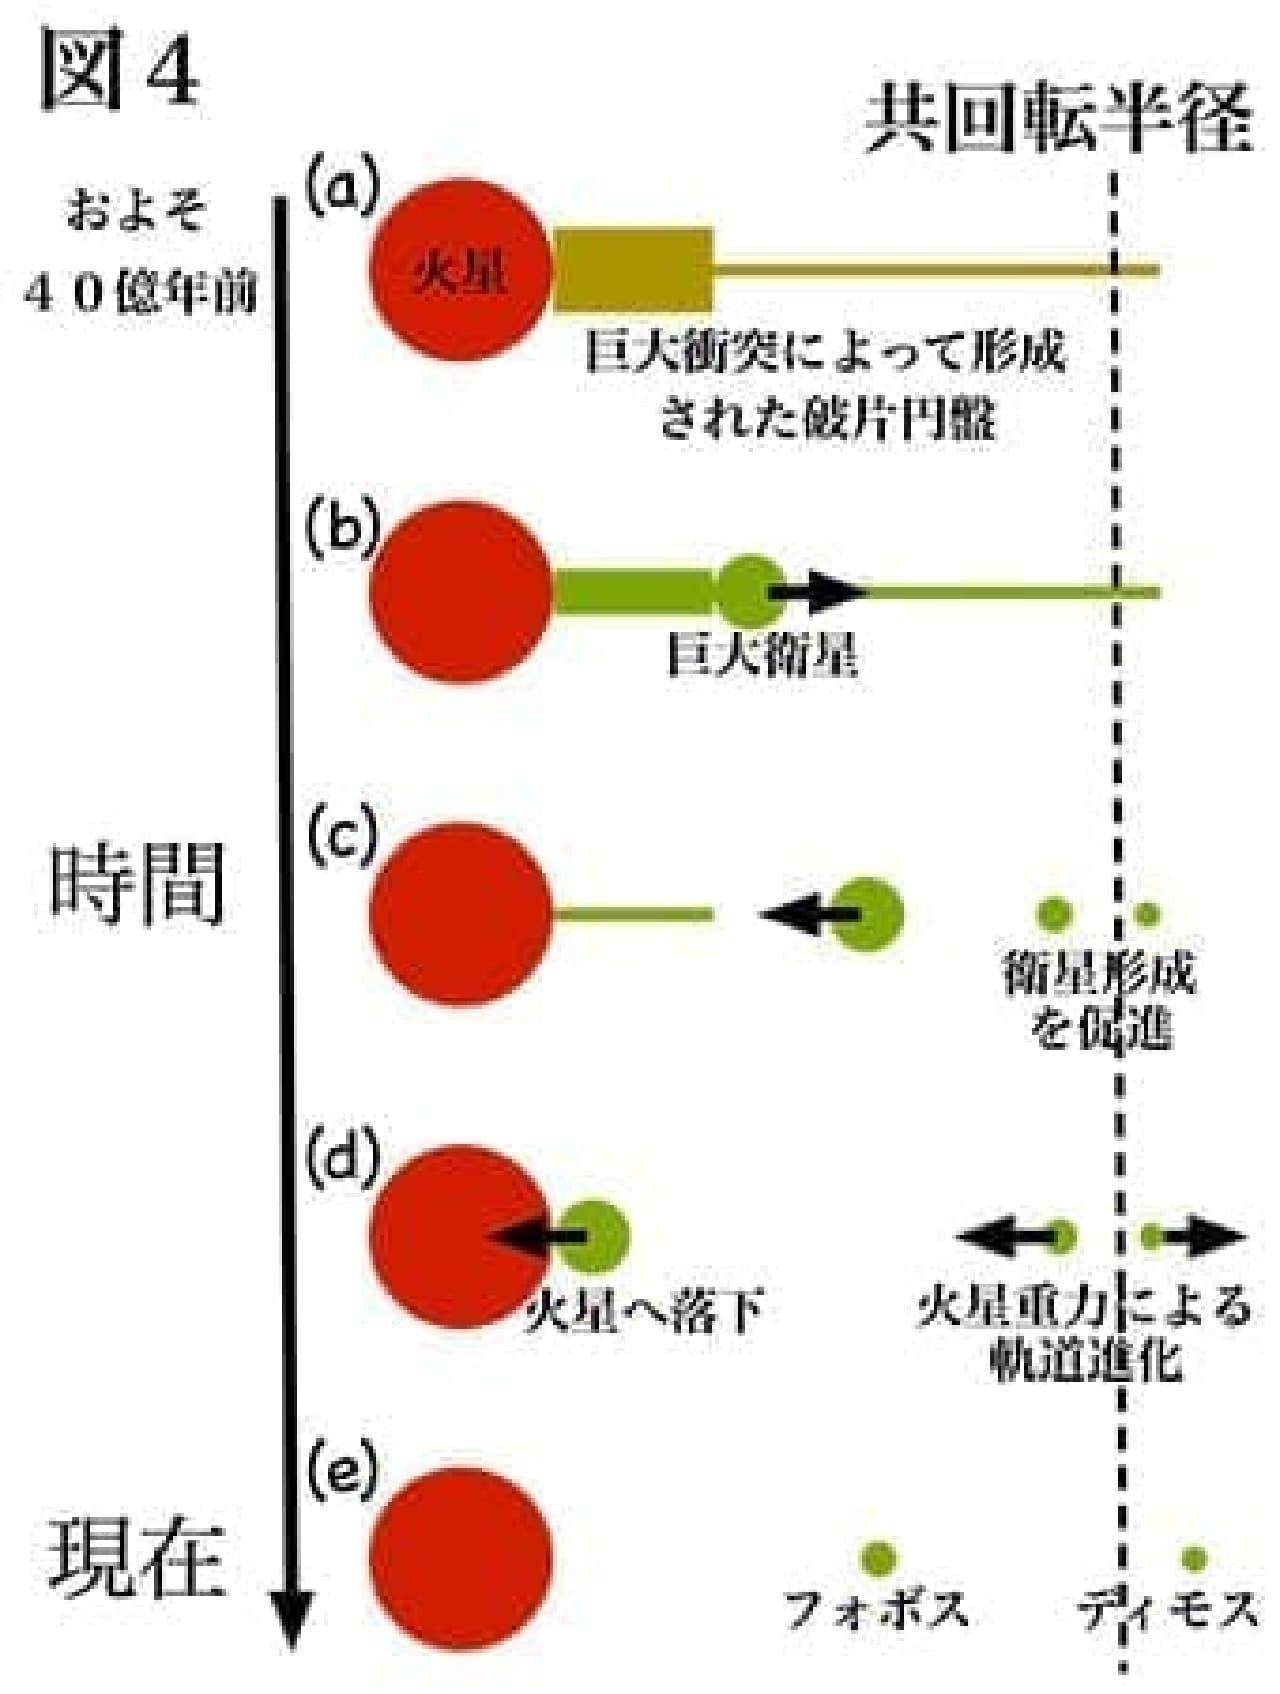 火星の衛星生成シミュレーション